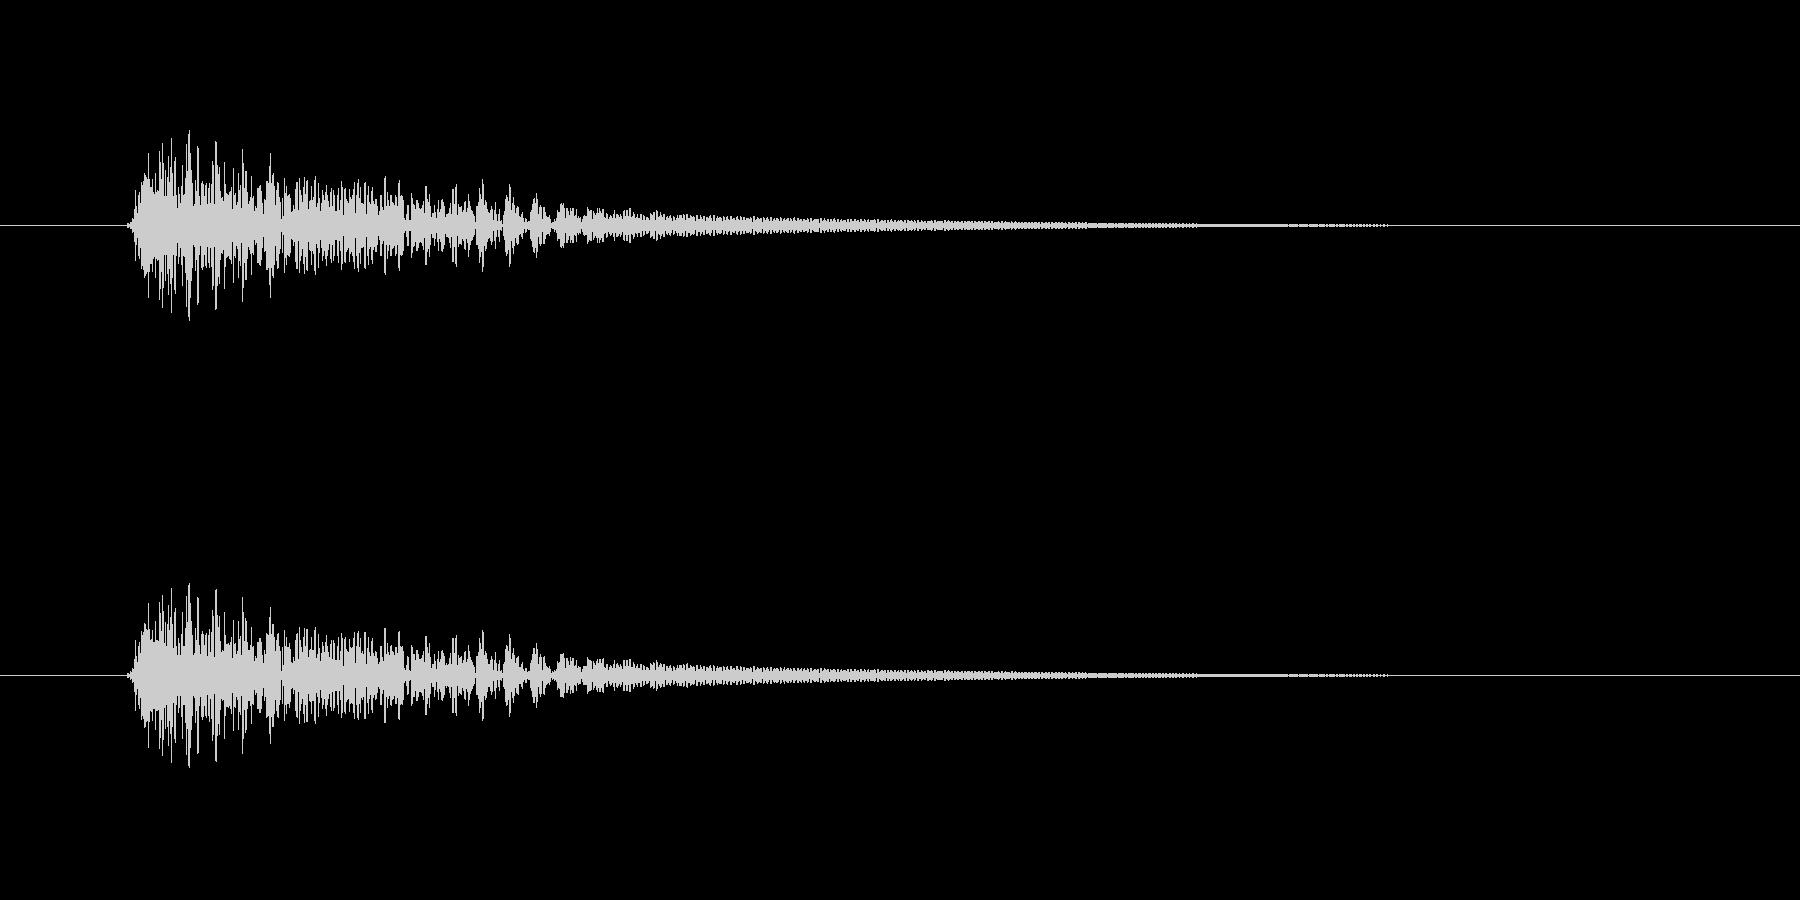 【ネガティブ09-3】の未再生の波形